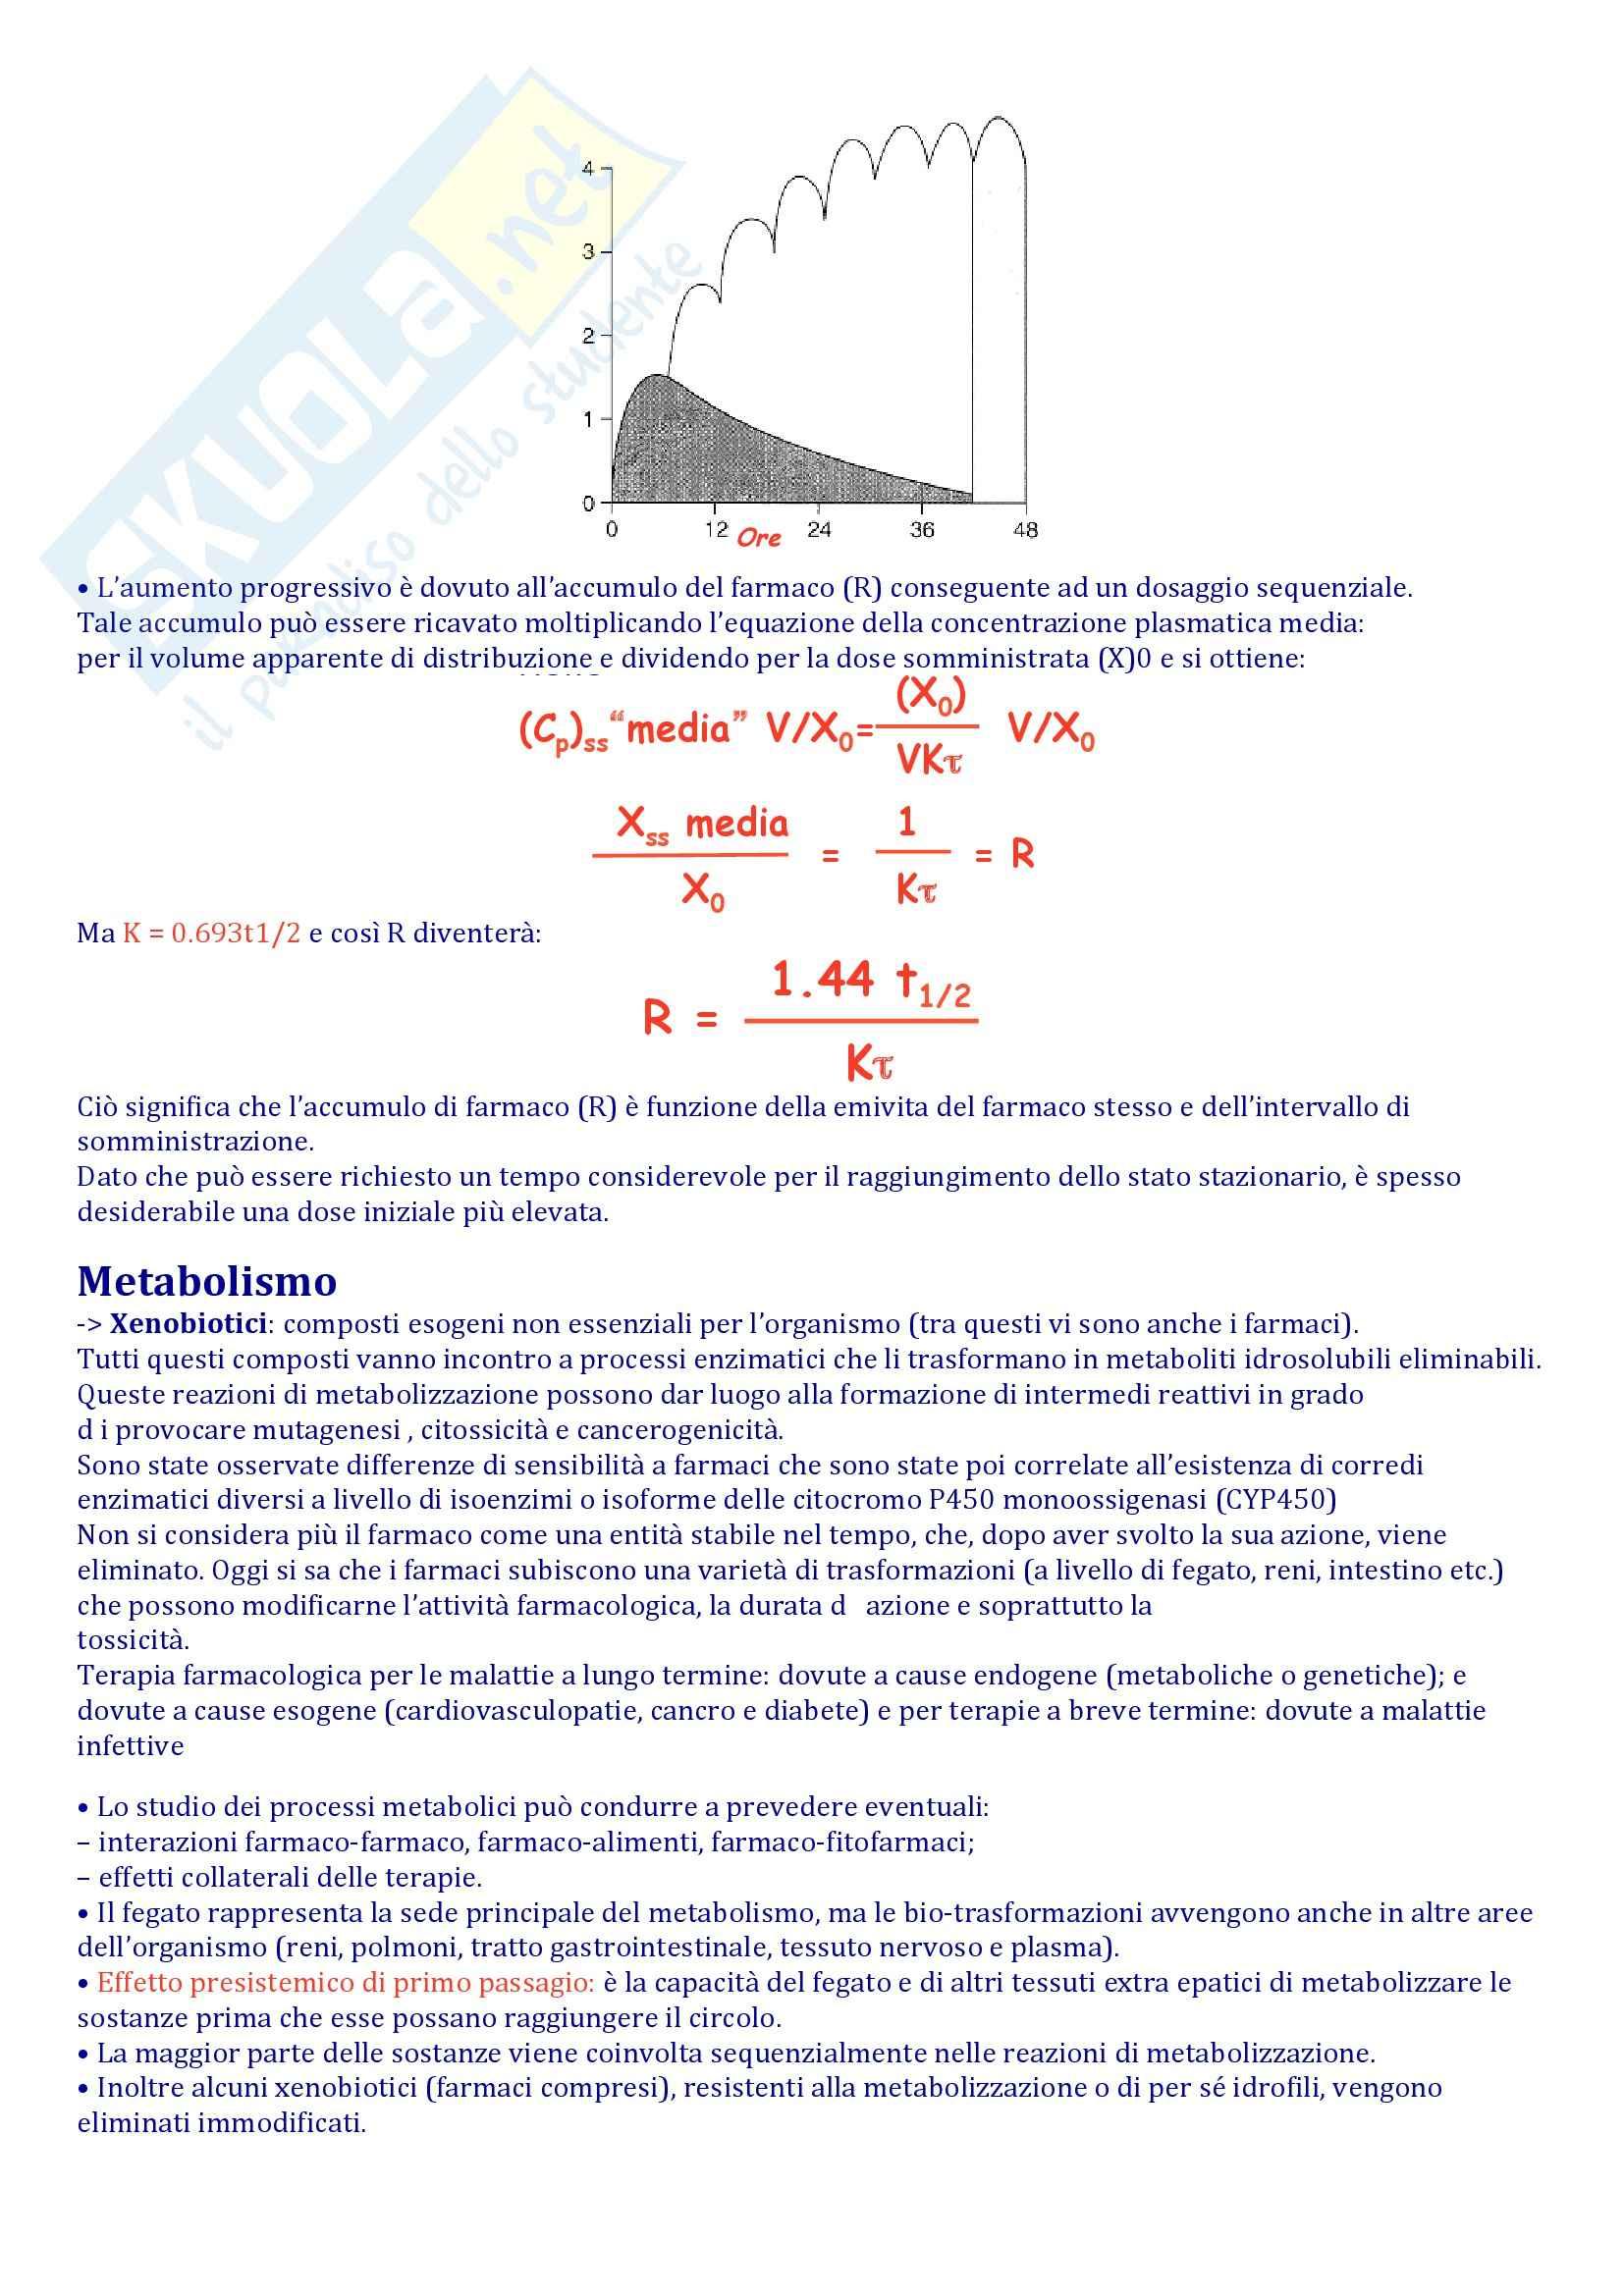 Chimica farmaceutica e tossicologia 1, parte generale Pag. 11